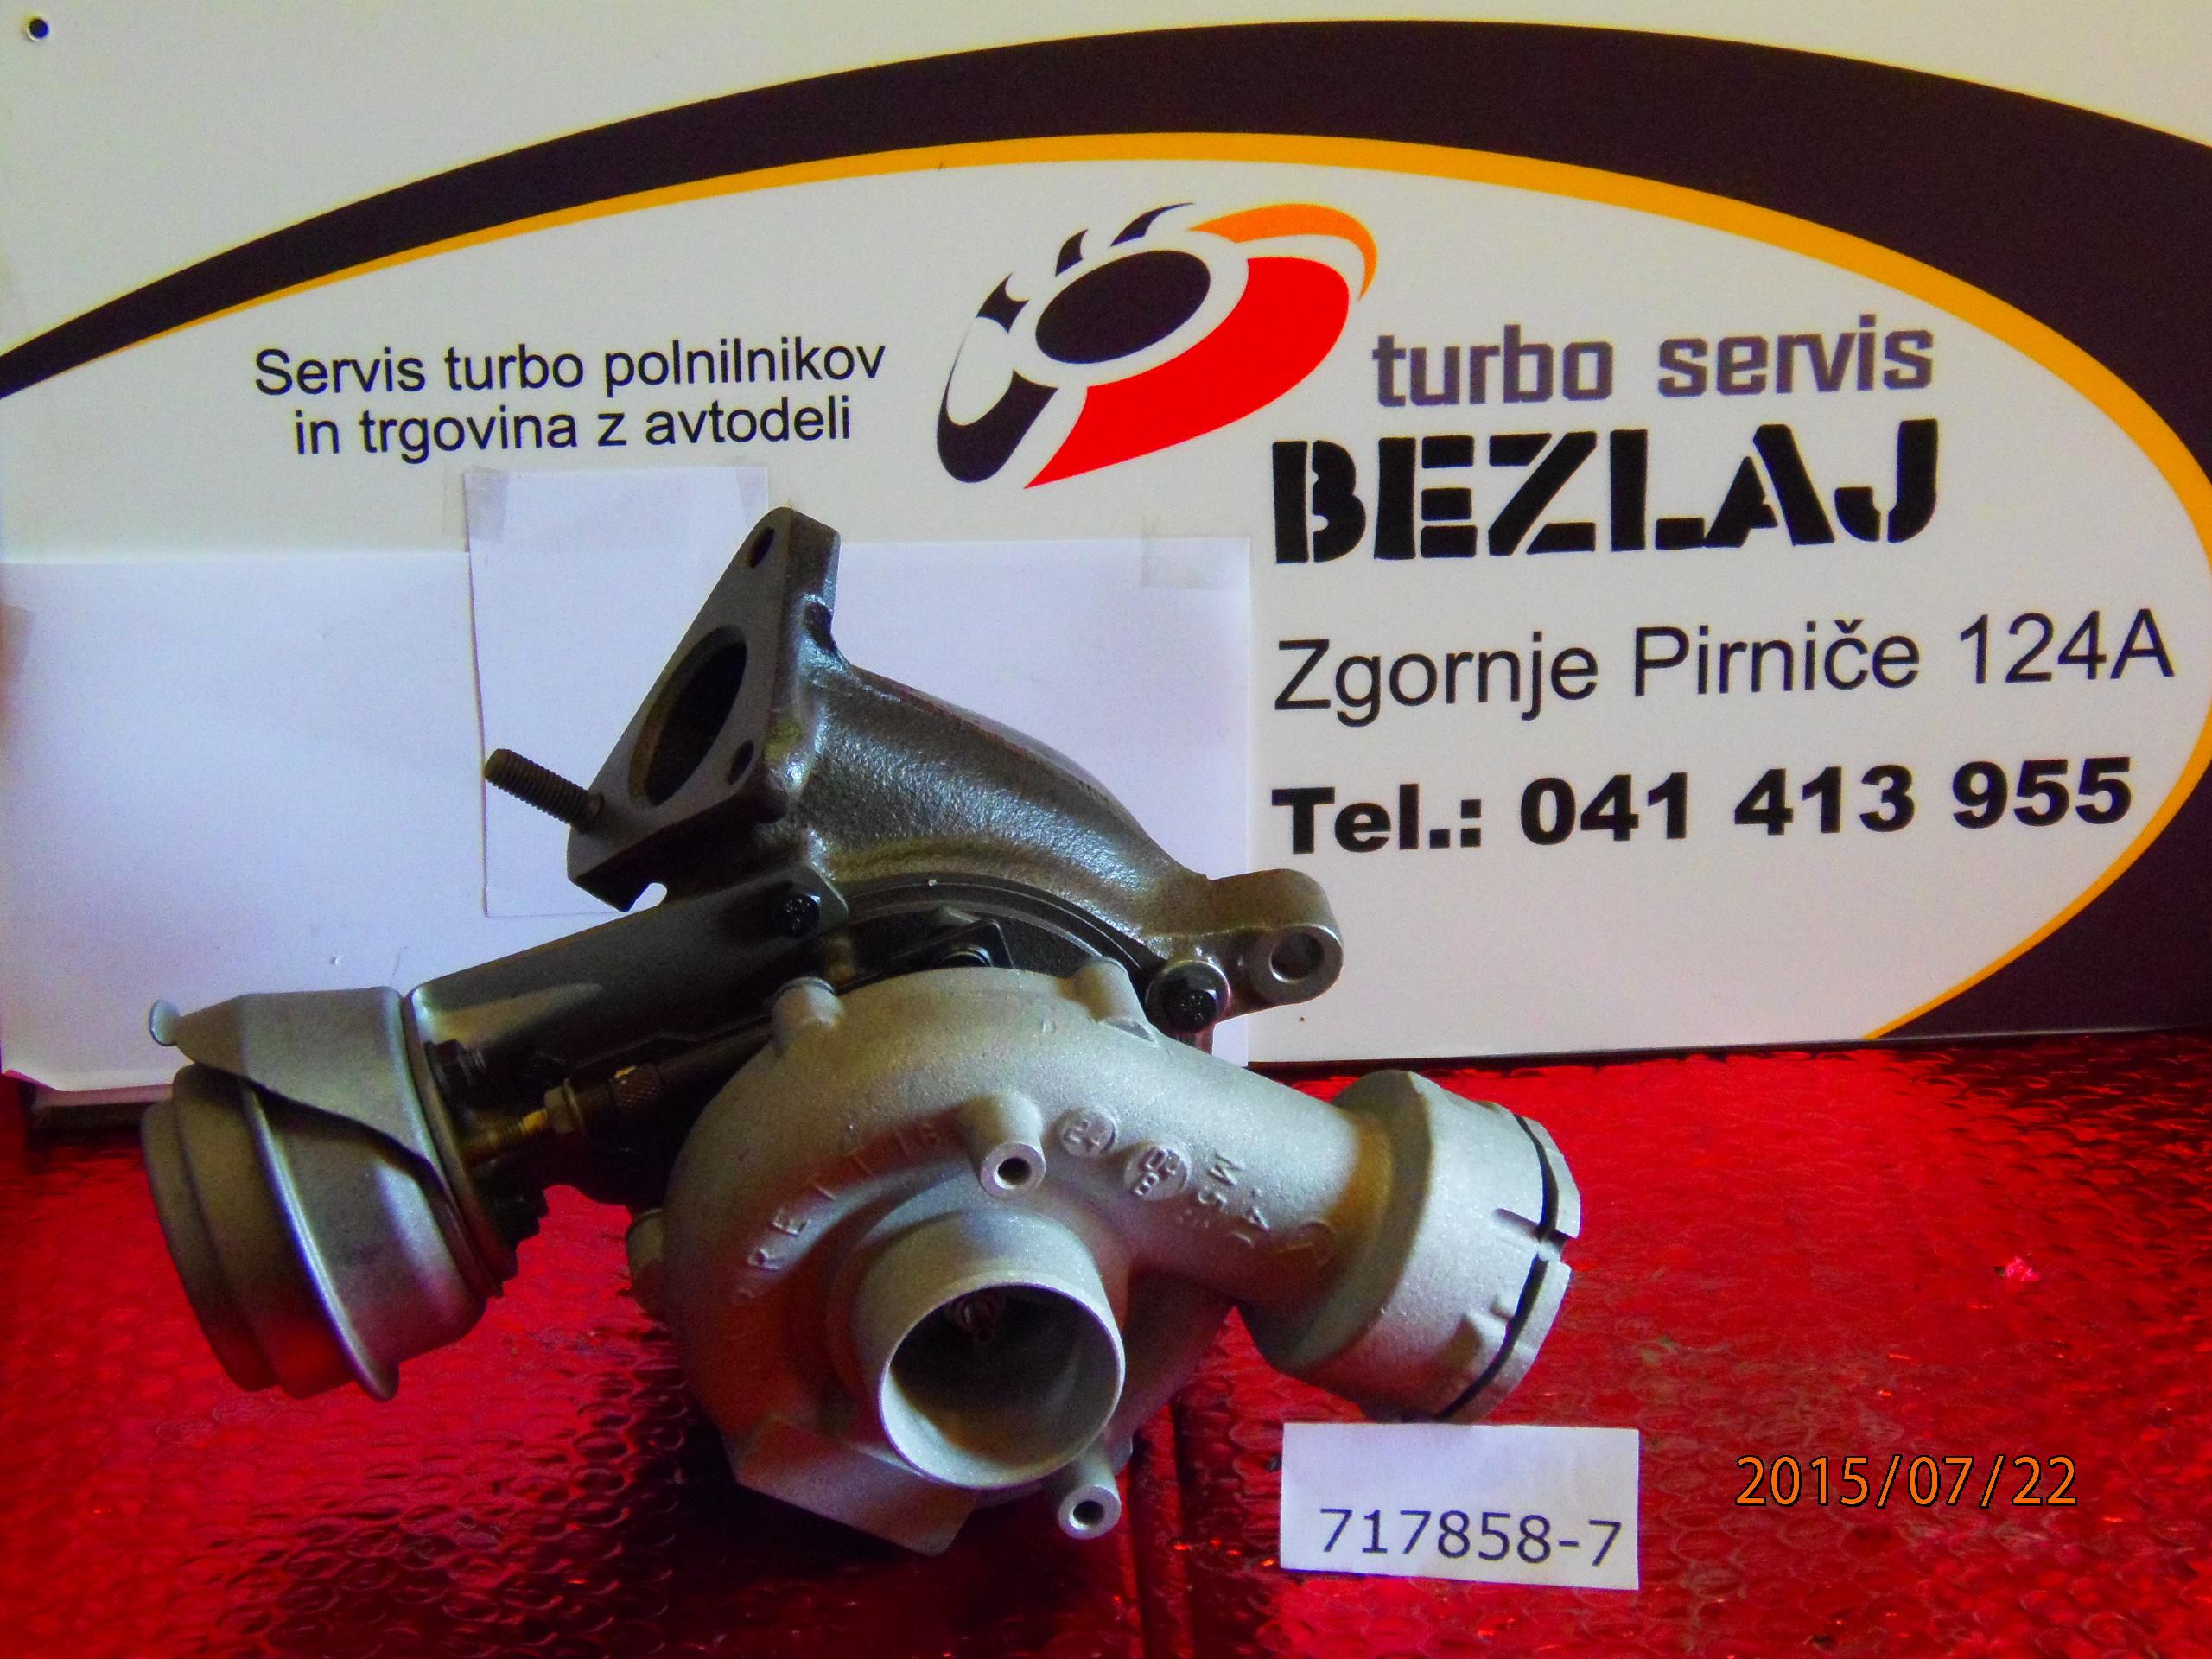 turbo717858-7 (3)